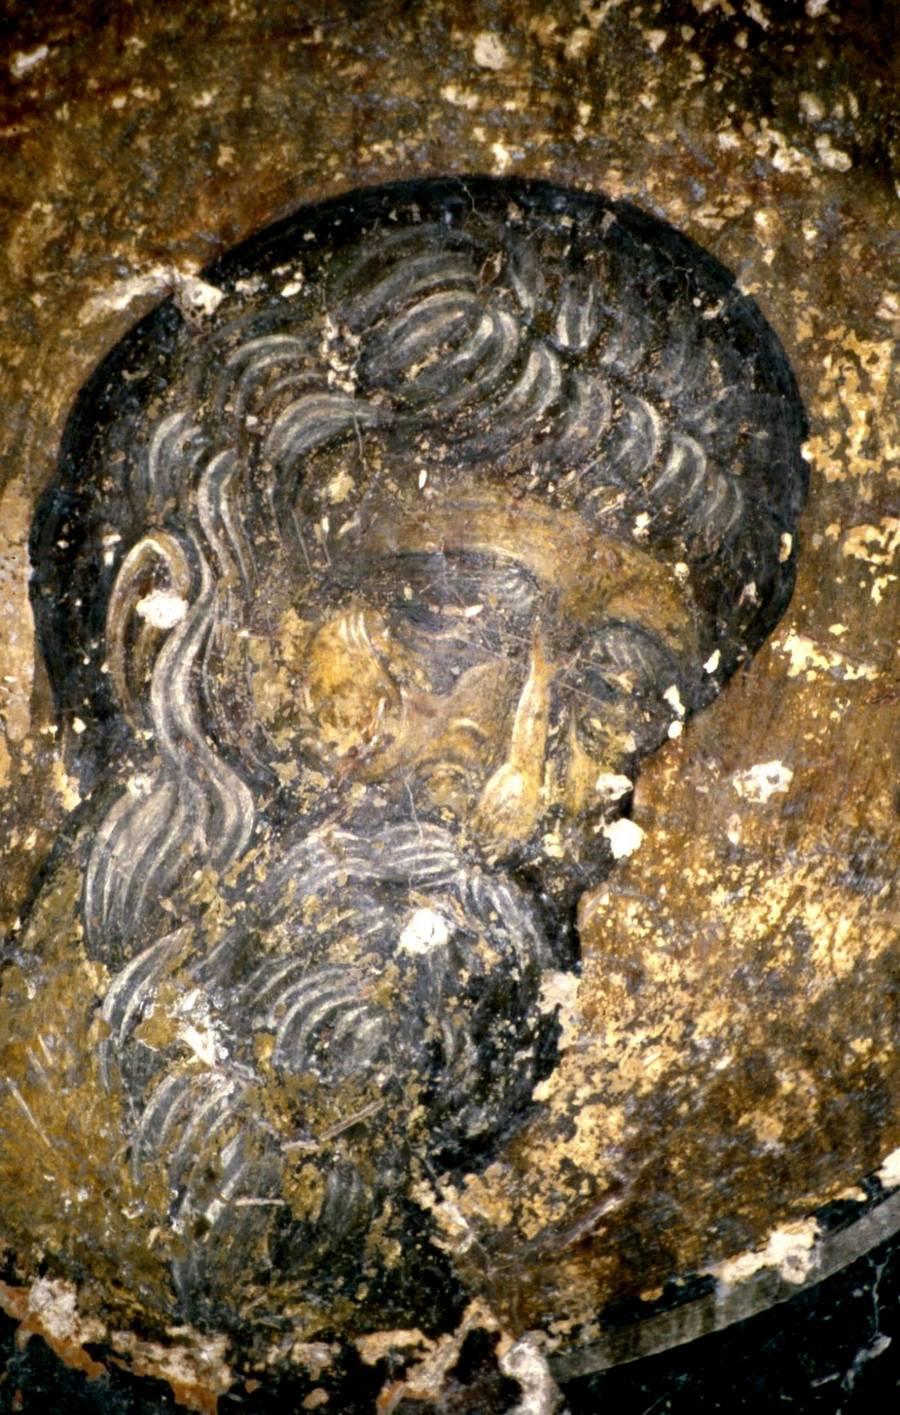 Явление Ангела Господня в схиме Святому Преподобному Пахомию Великому. Фреска церкви Святого Георгия Грамматику в Верии, Греция. Около 1380 года. Фрагмент.